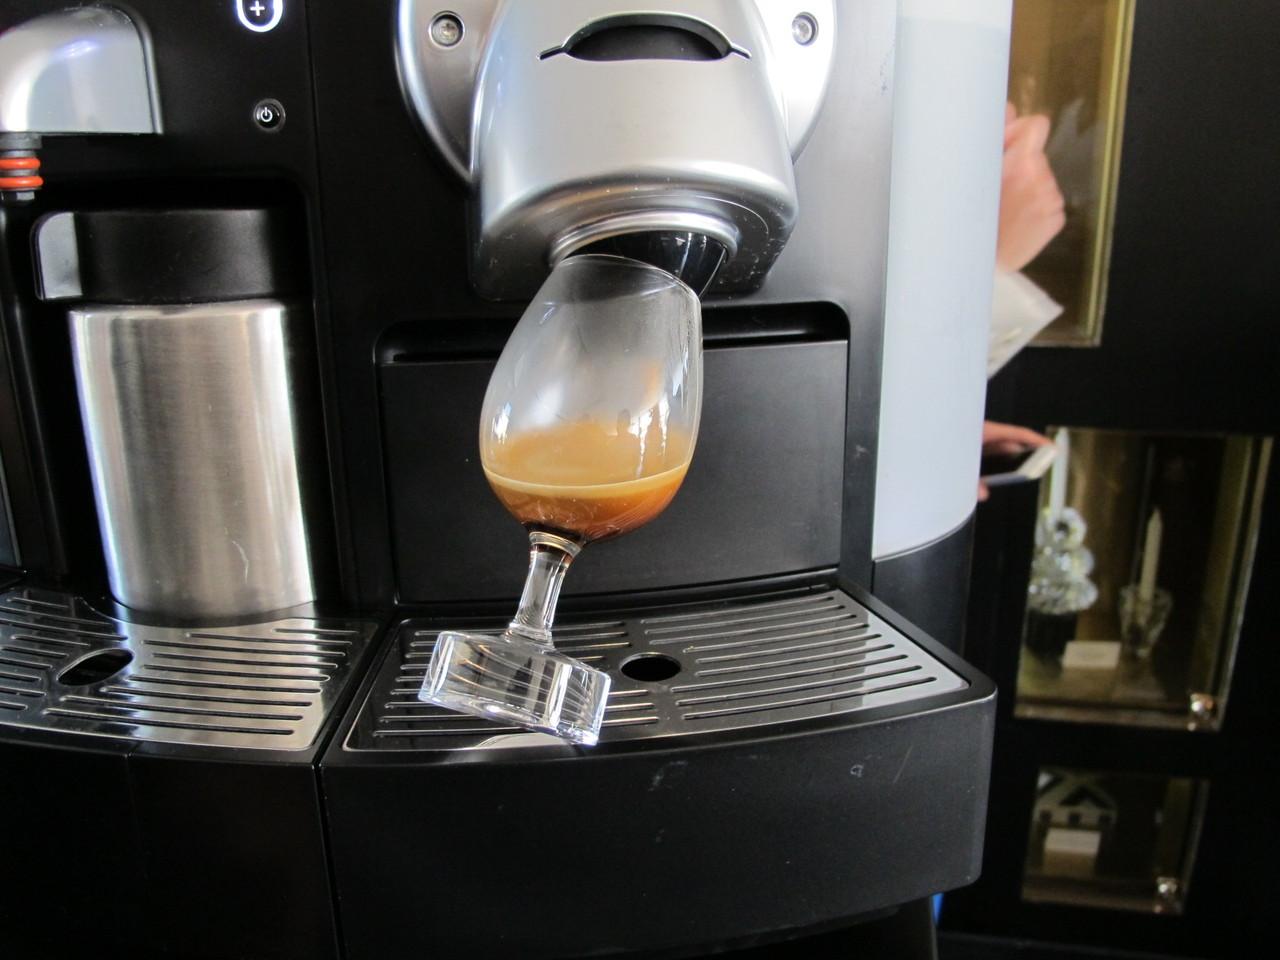 Se bebemos vinho em copos, por que é que bebemos café em chávenas?